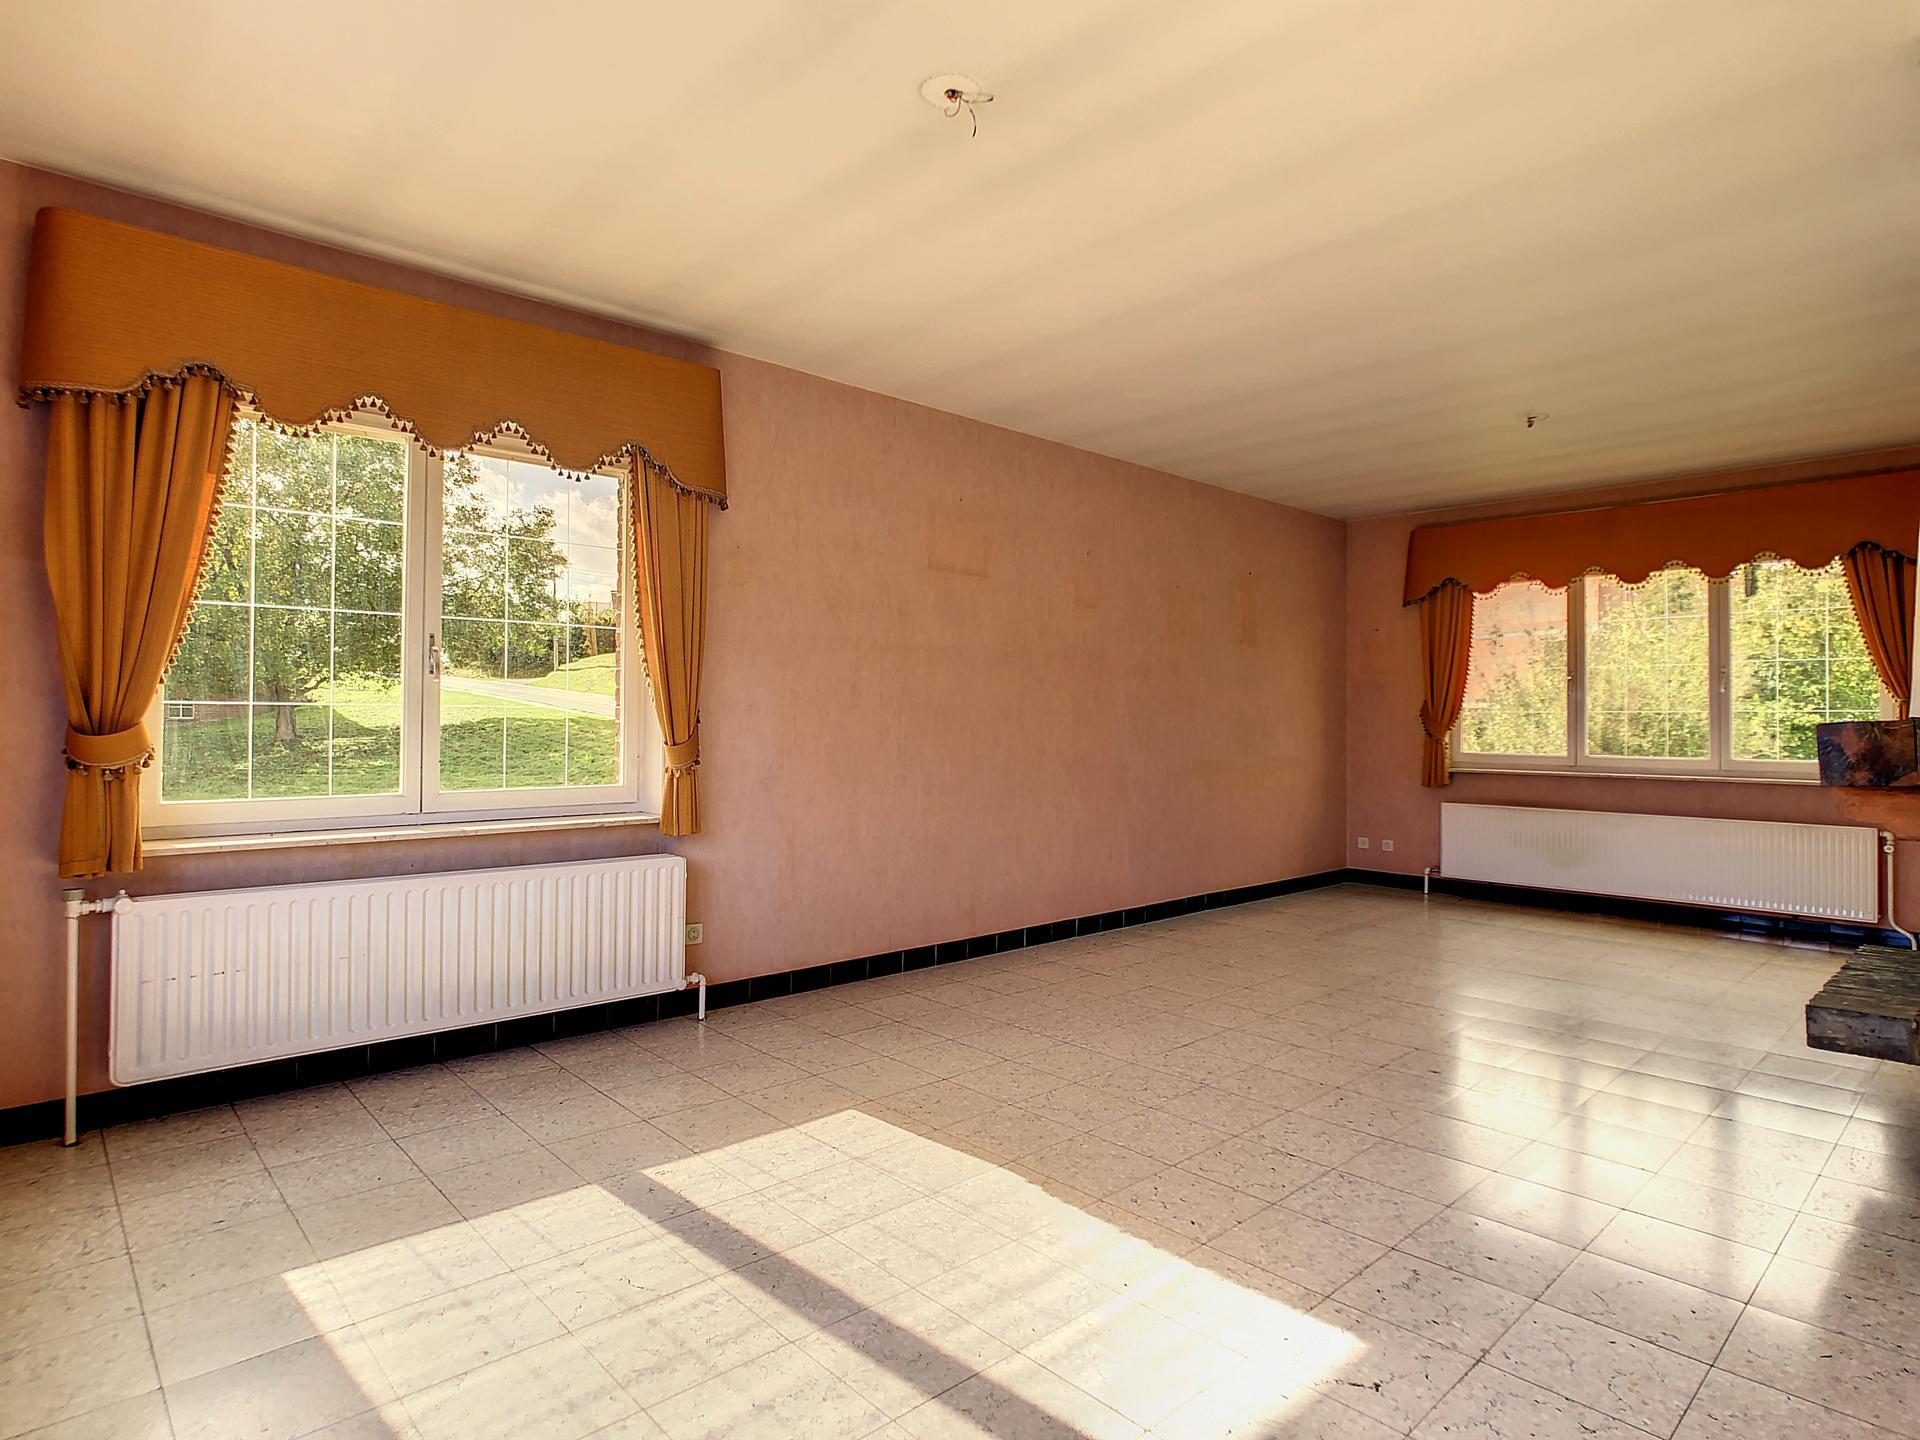 Huis - Huldenberg - #4531156-4